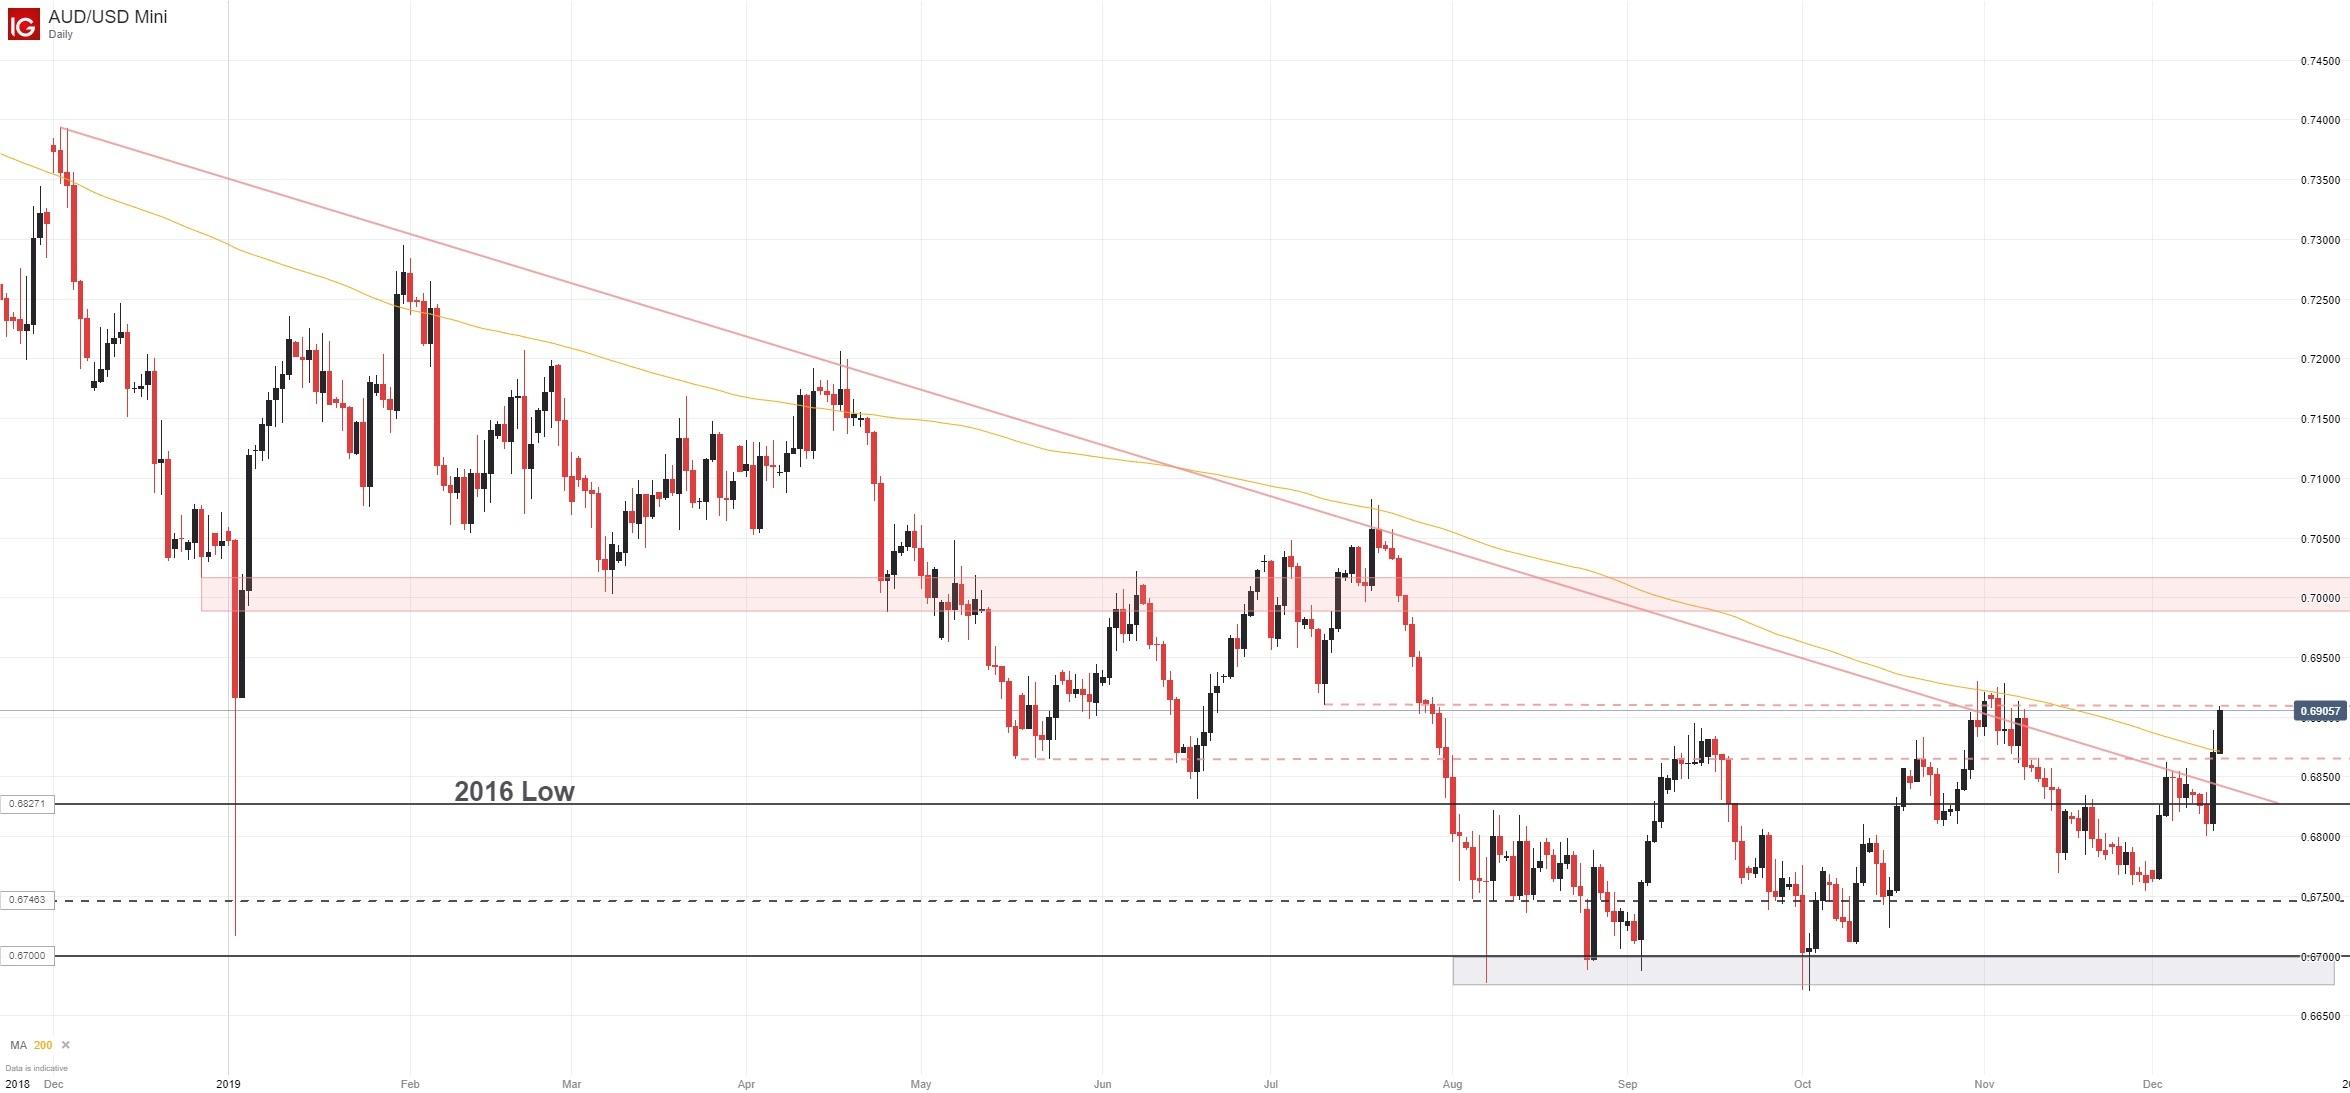 澳元走势分析:第一阶段贸易协议或将达成,澳元/美元和澳元/日元继续飙升中